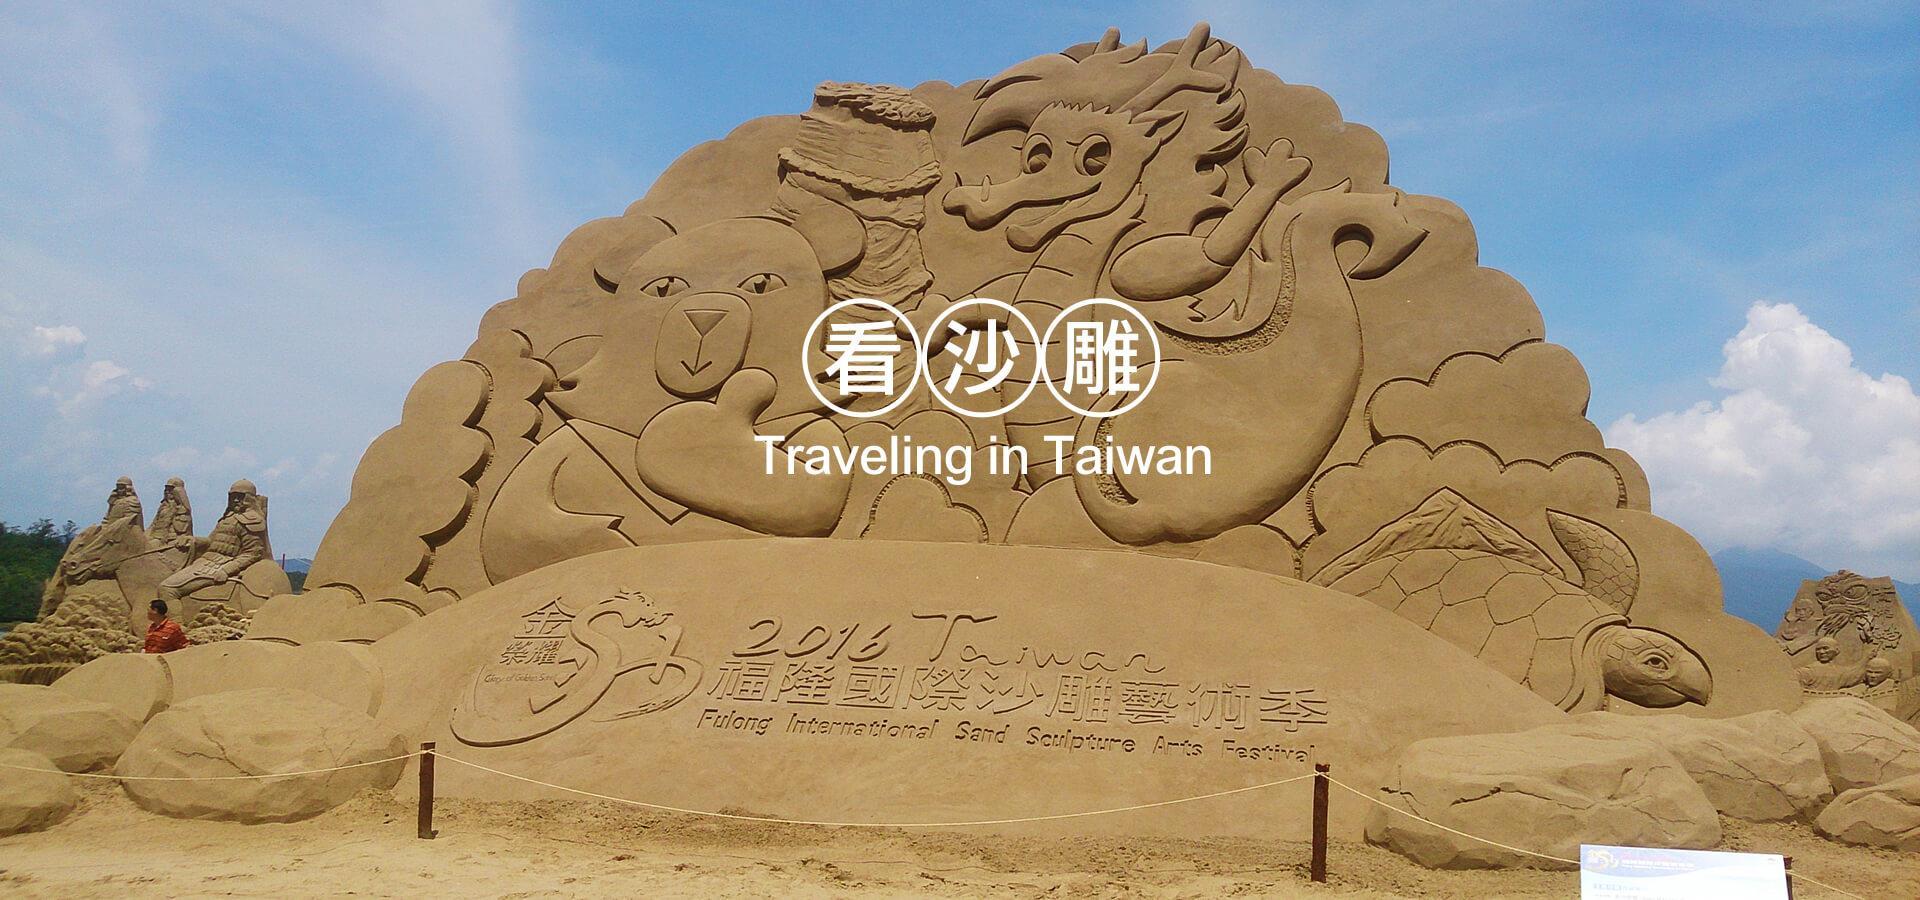 福隆國際沙雕藝術節